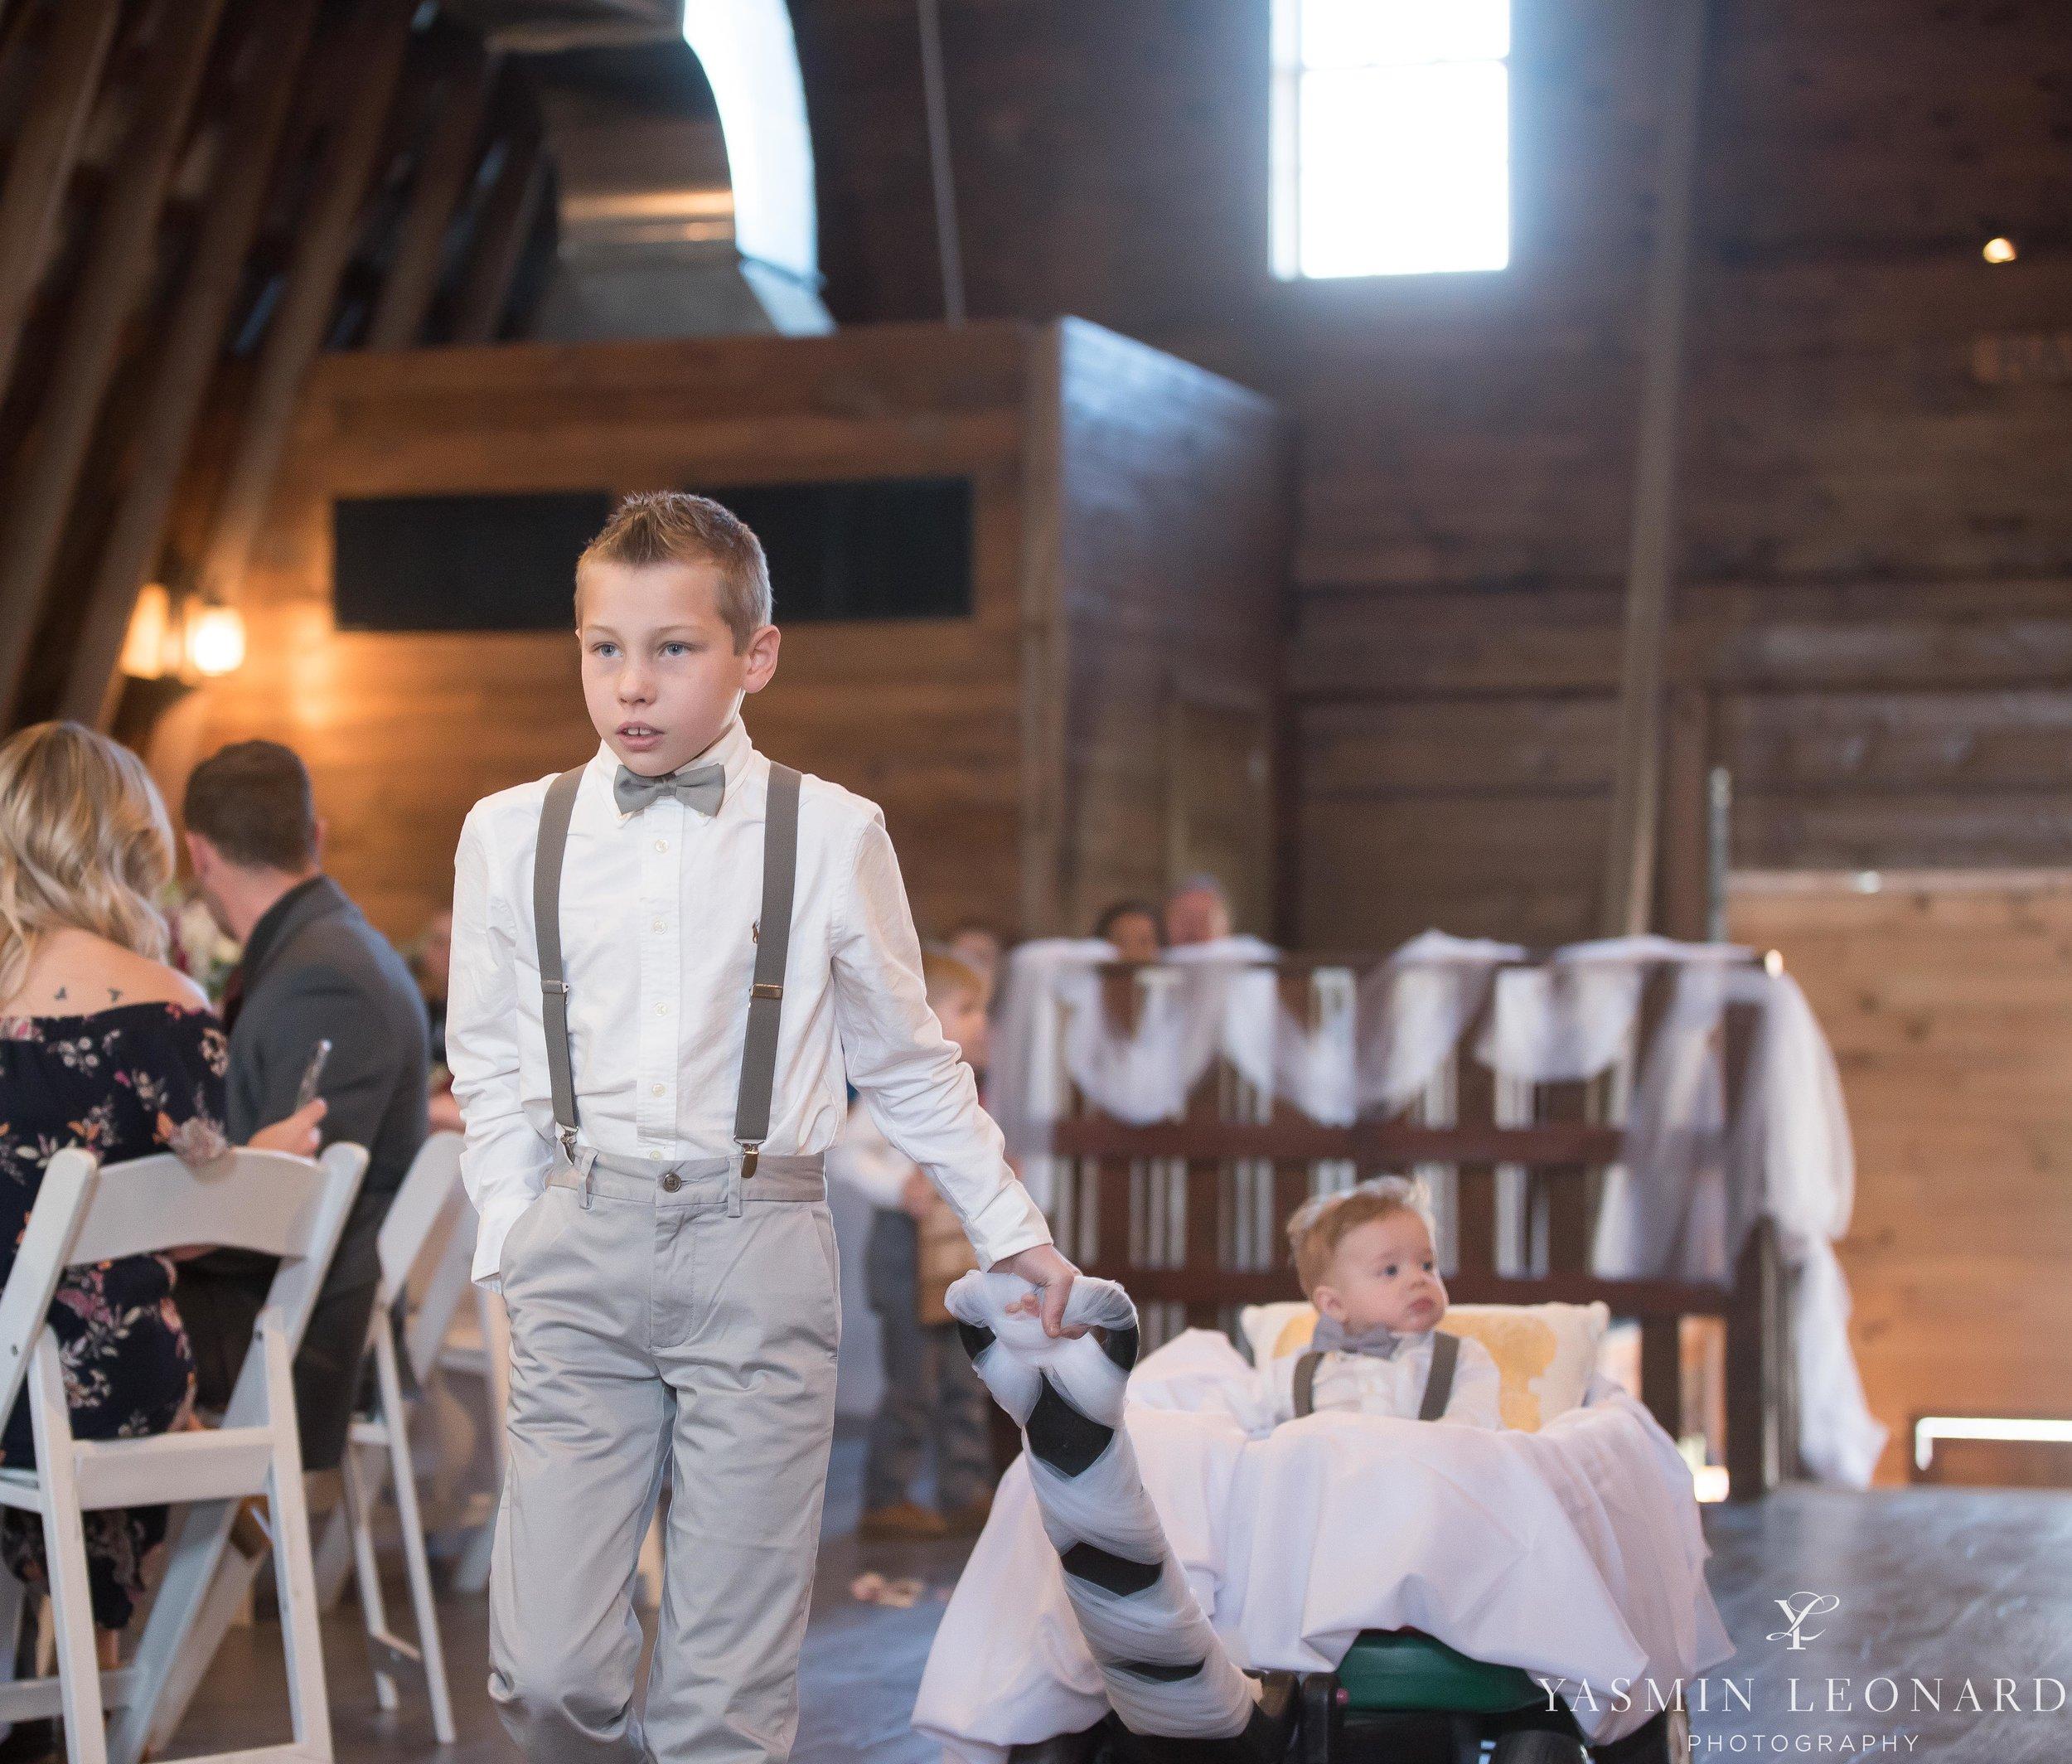 Millikan Farms - Millikan Farms Wedding - Sophia NC Wedding - NC Wedding - NC Wedding Photographer - Yasmin Leonard Photography - High Point Photographer - Barn Wedding - Wedding Venues in NC - Triad Wedding Photographer-37.jpg